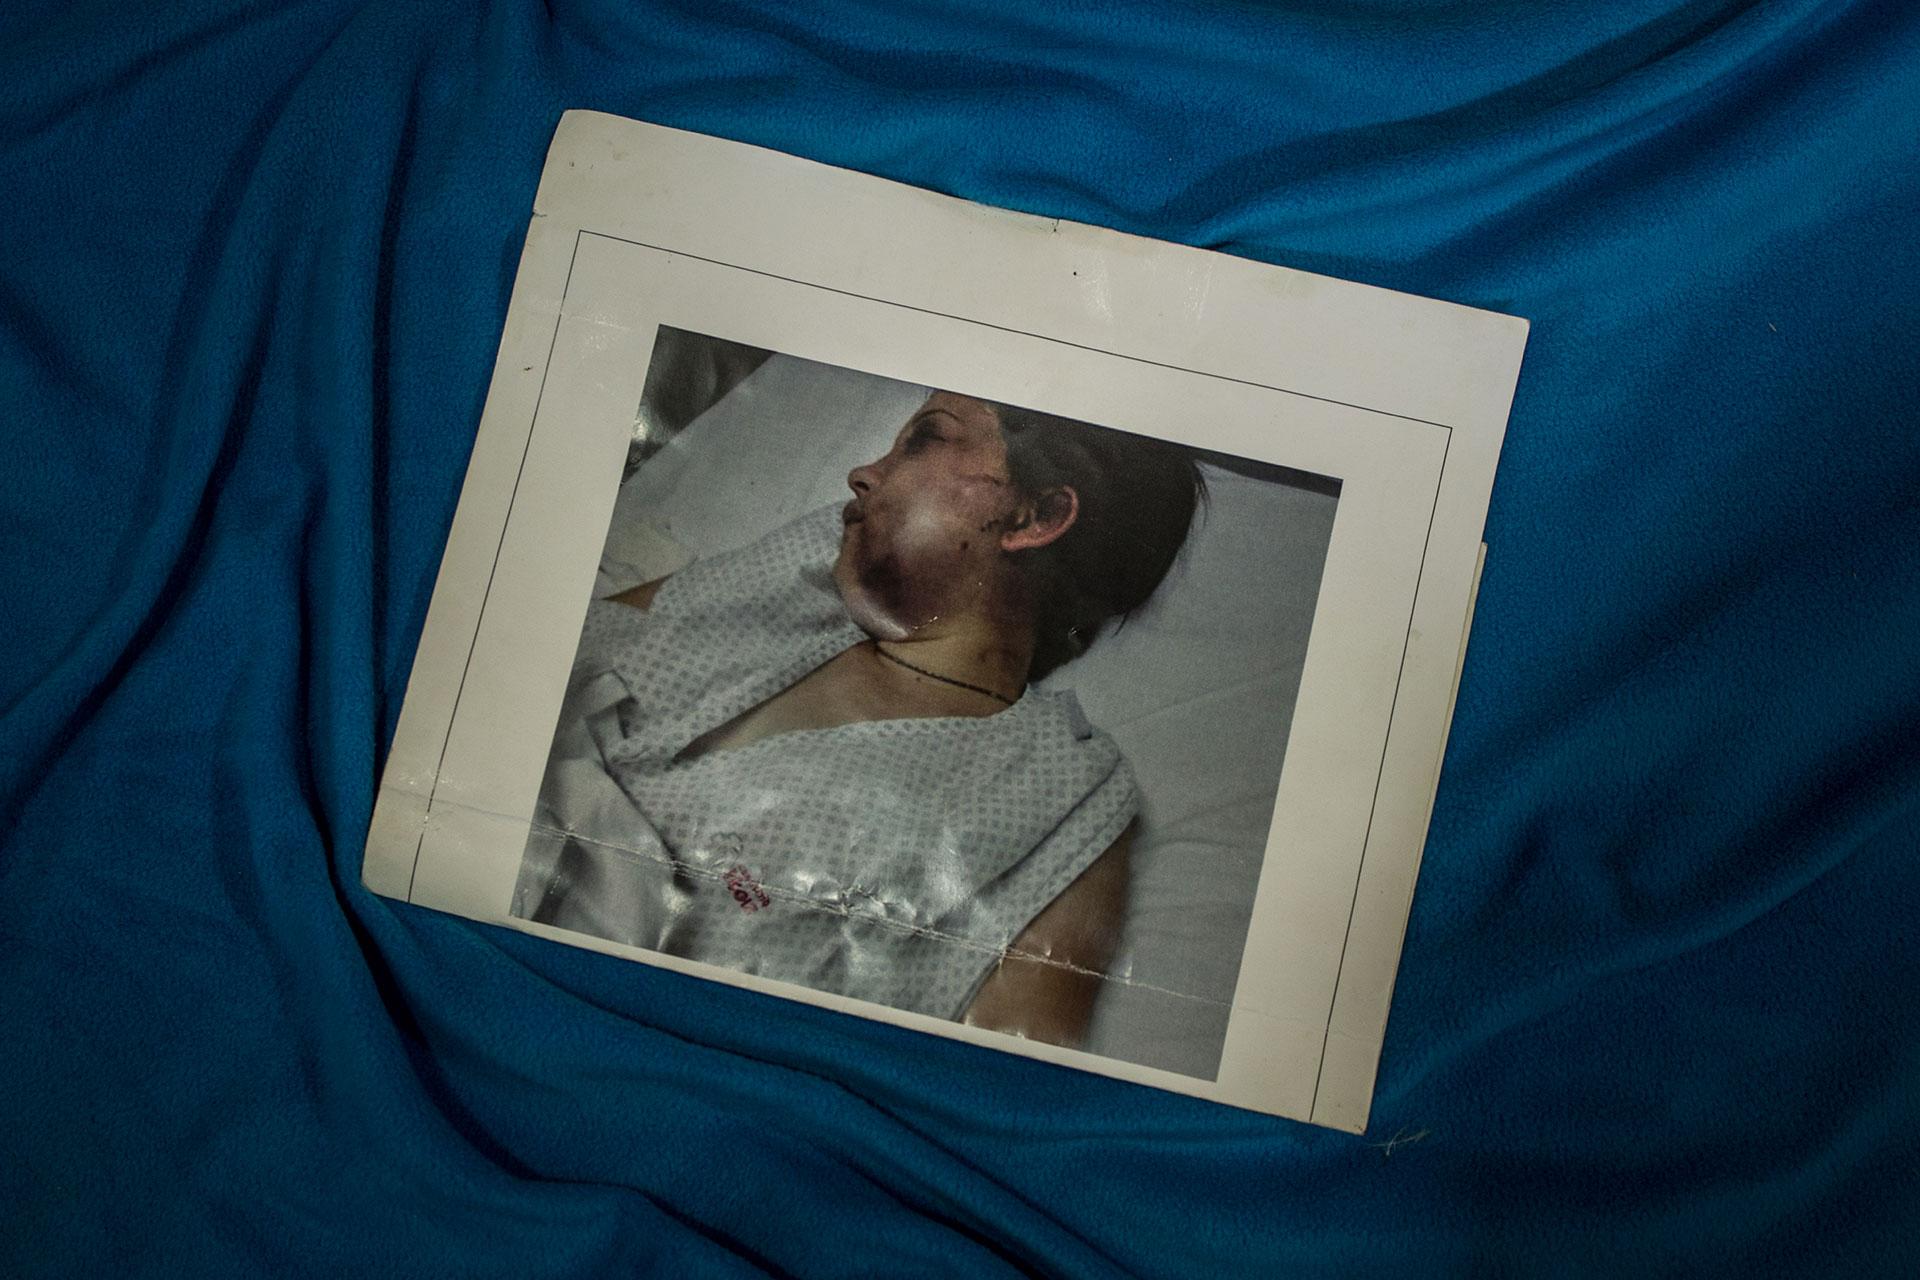 Belén Torres, de 20 años. Esta foto se encontró después de ser atacada.